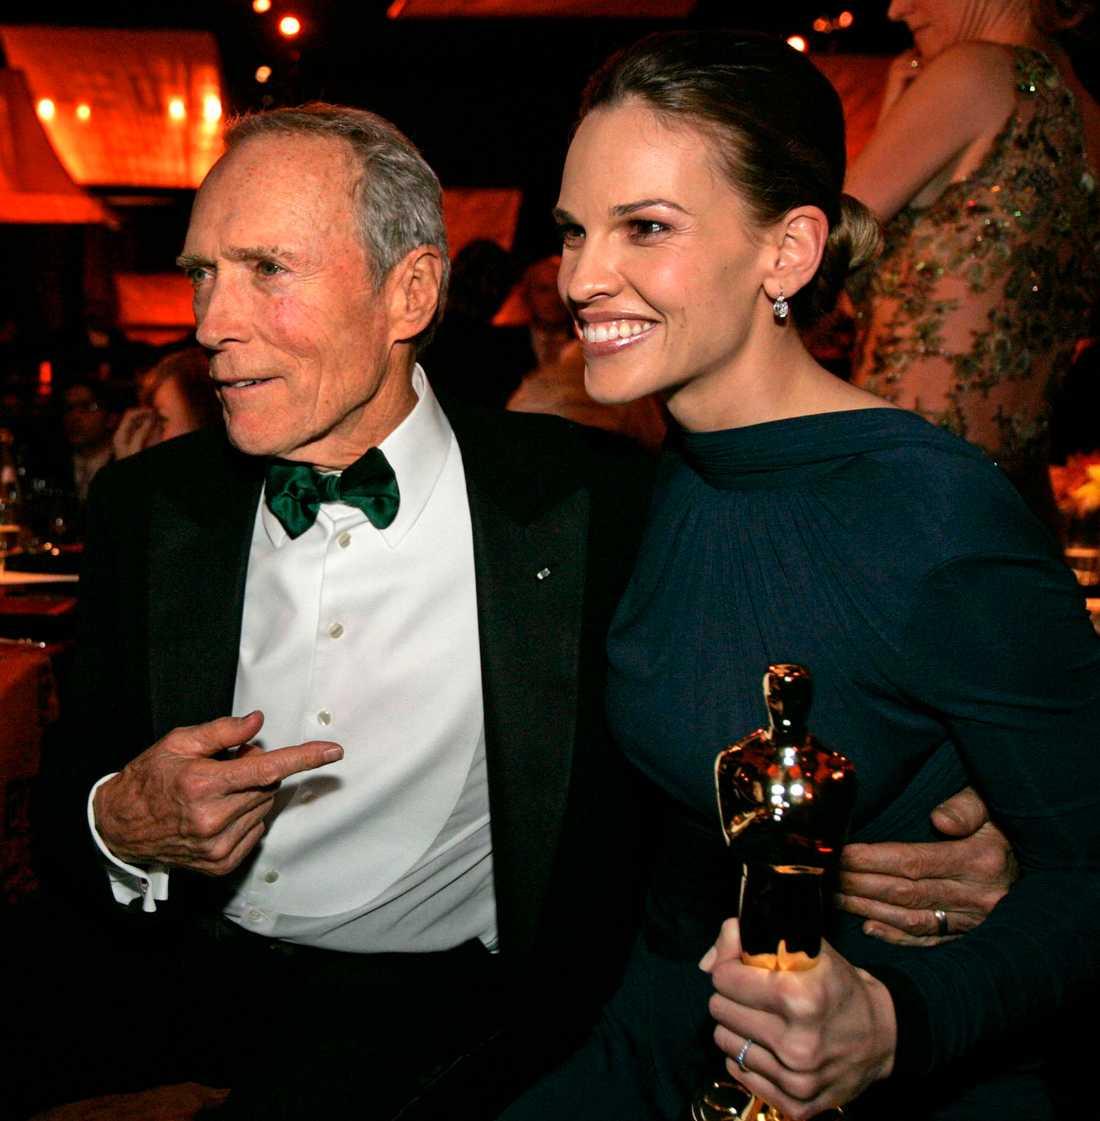 """Clint Eastwood och Hilary Swank belönades bägge med Oscarsstatyetter 2005 för regi respektive kvinnliga huvudroll i """"Million dollar baby""""."""